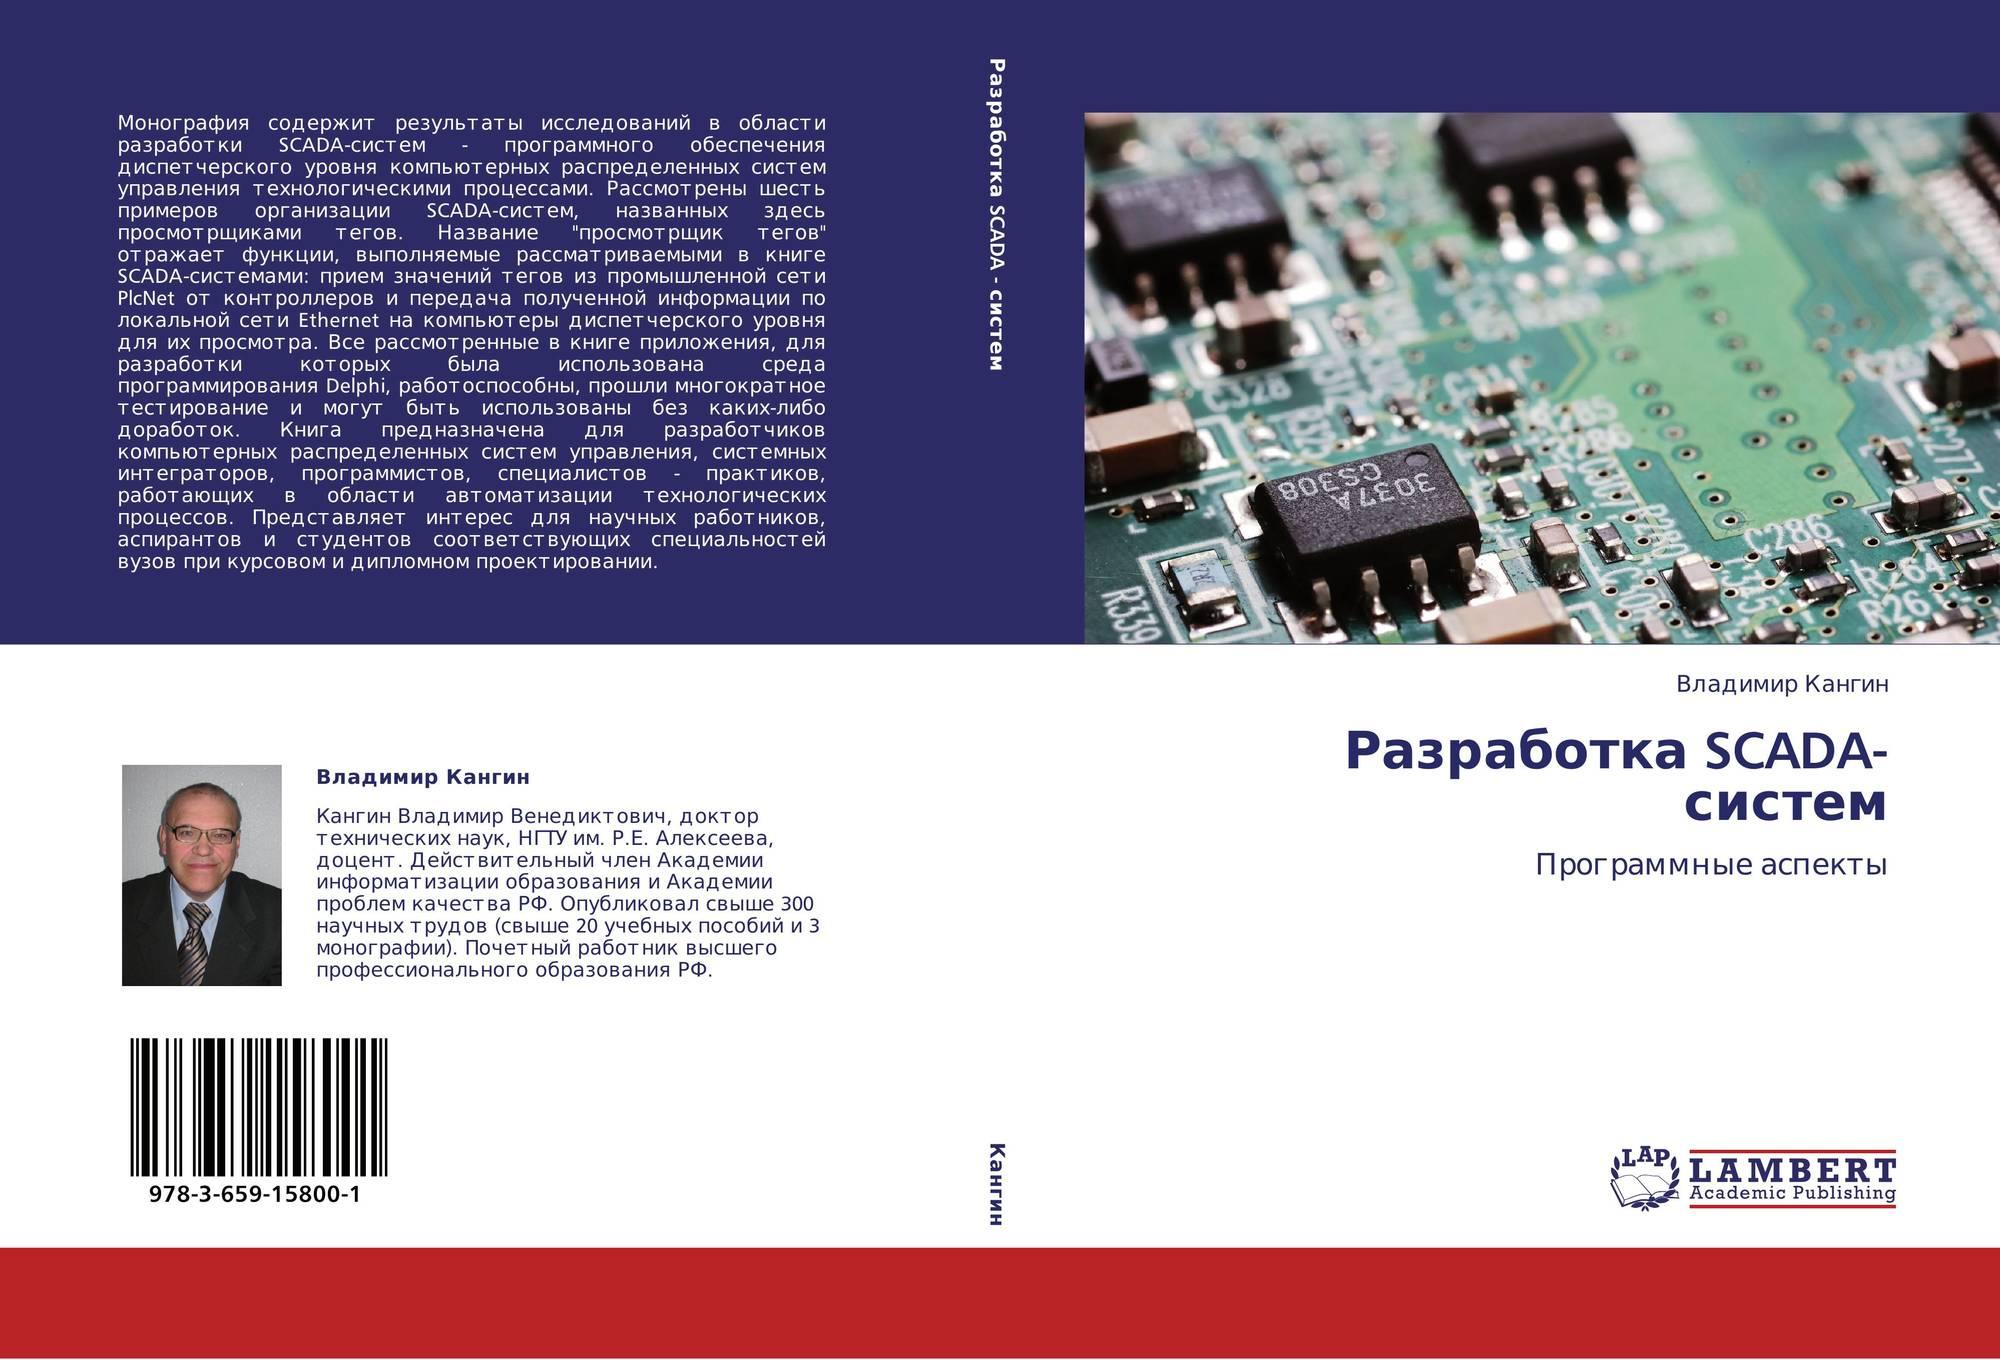 Учебники по системы управления технологическими процессами курсовая — img 13